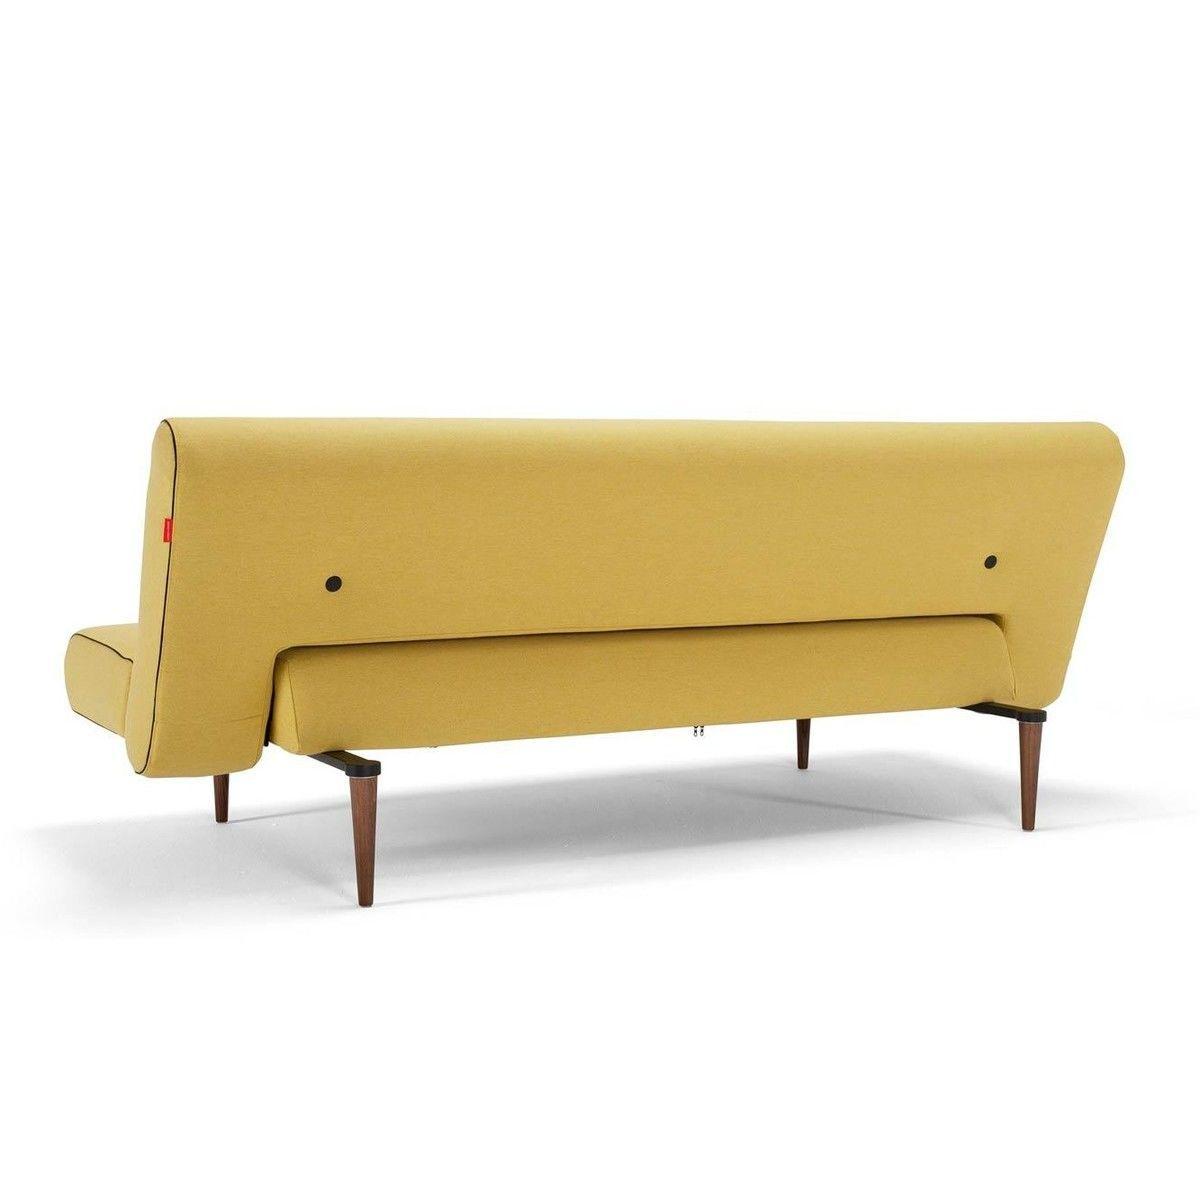 unfurl sofa bed innovation. Black Bedroom Furniture Sets. Home Design Ideas